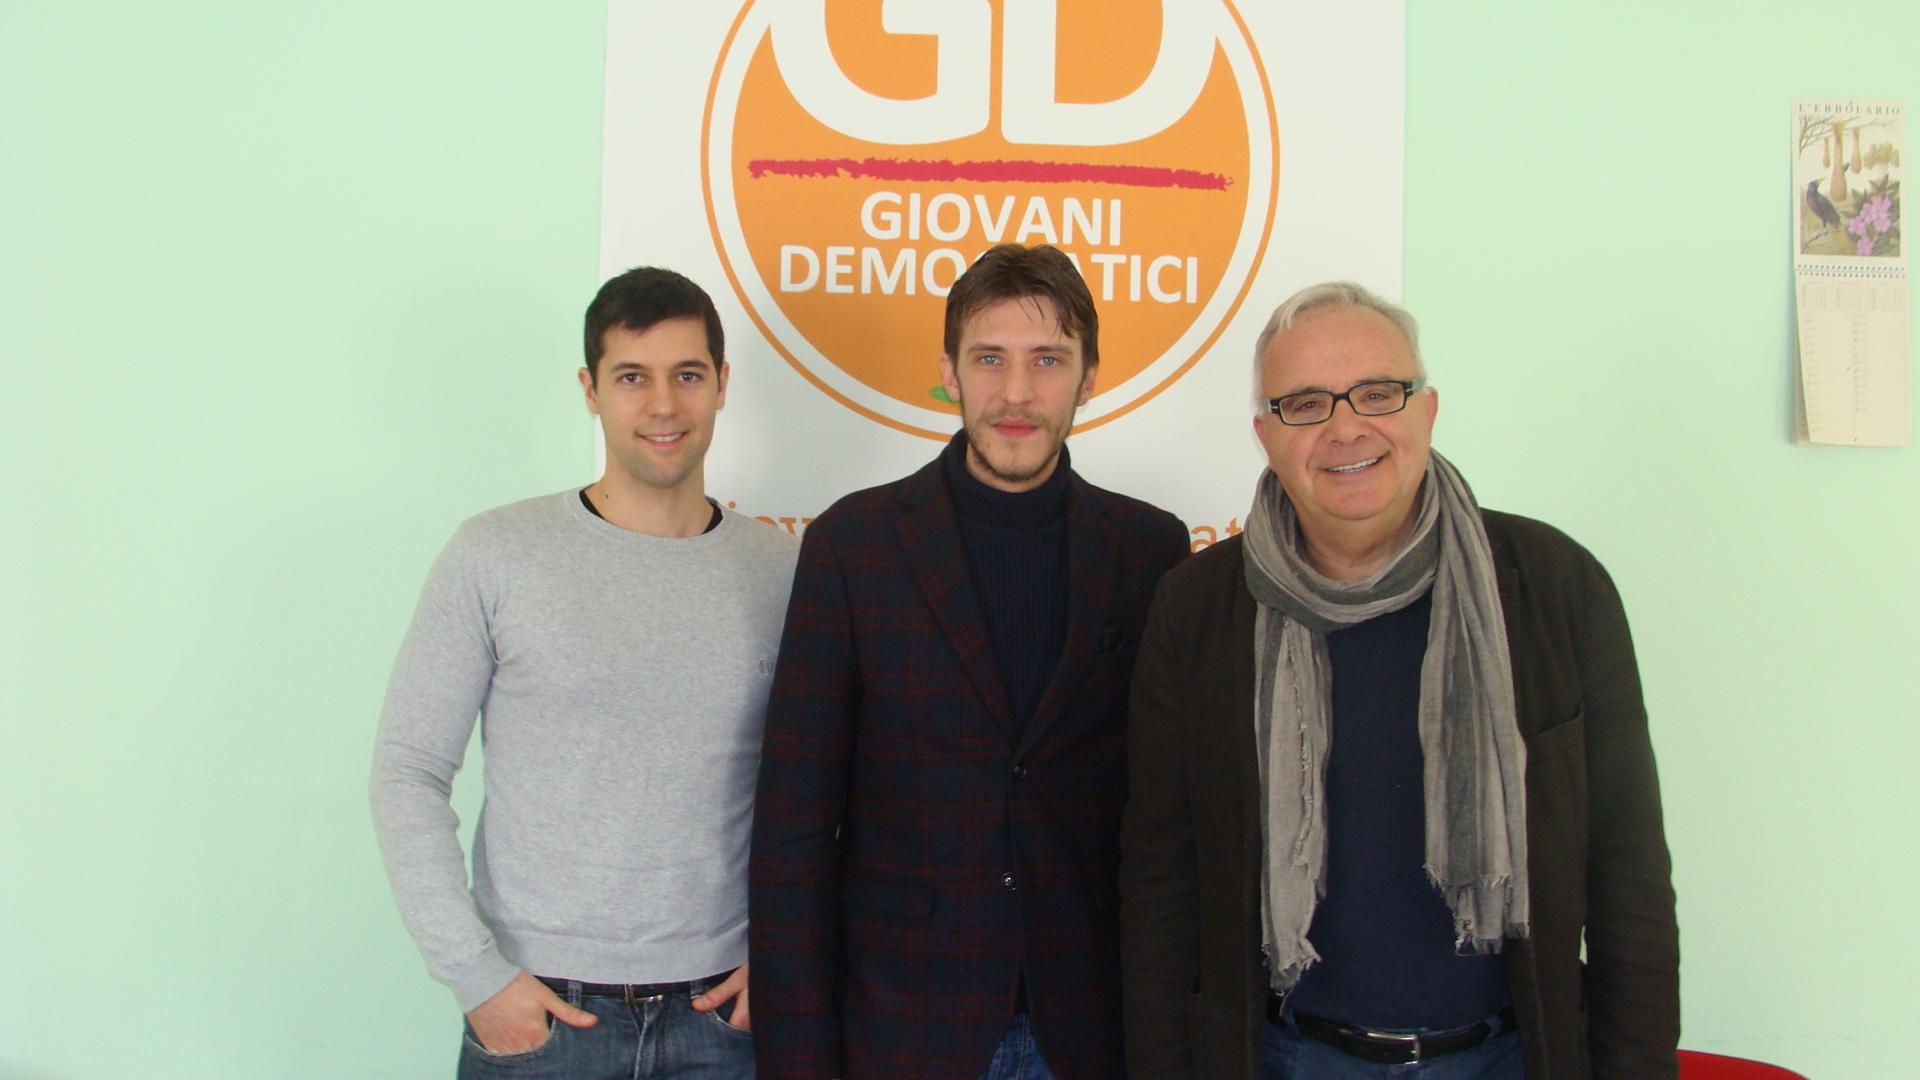 Stefano Senesi al centro con il consigliere Pd Luca Piermartiri a sinistra e il segretario cittadino e capogruppo Pd in consiglio Aldo Acconcia a destra